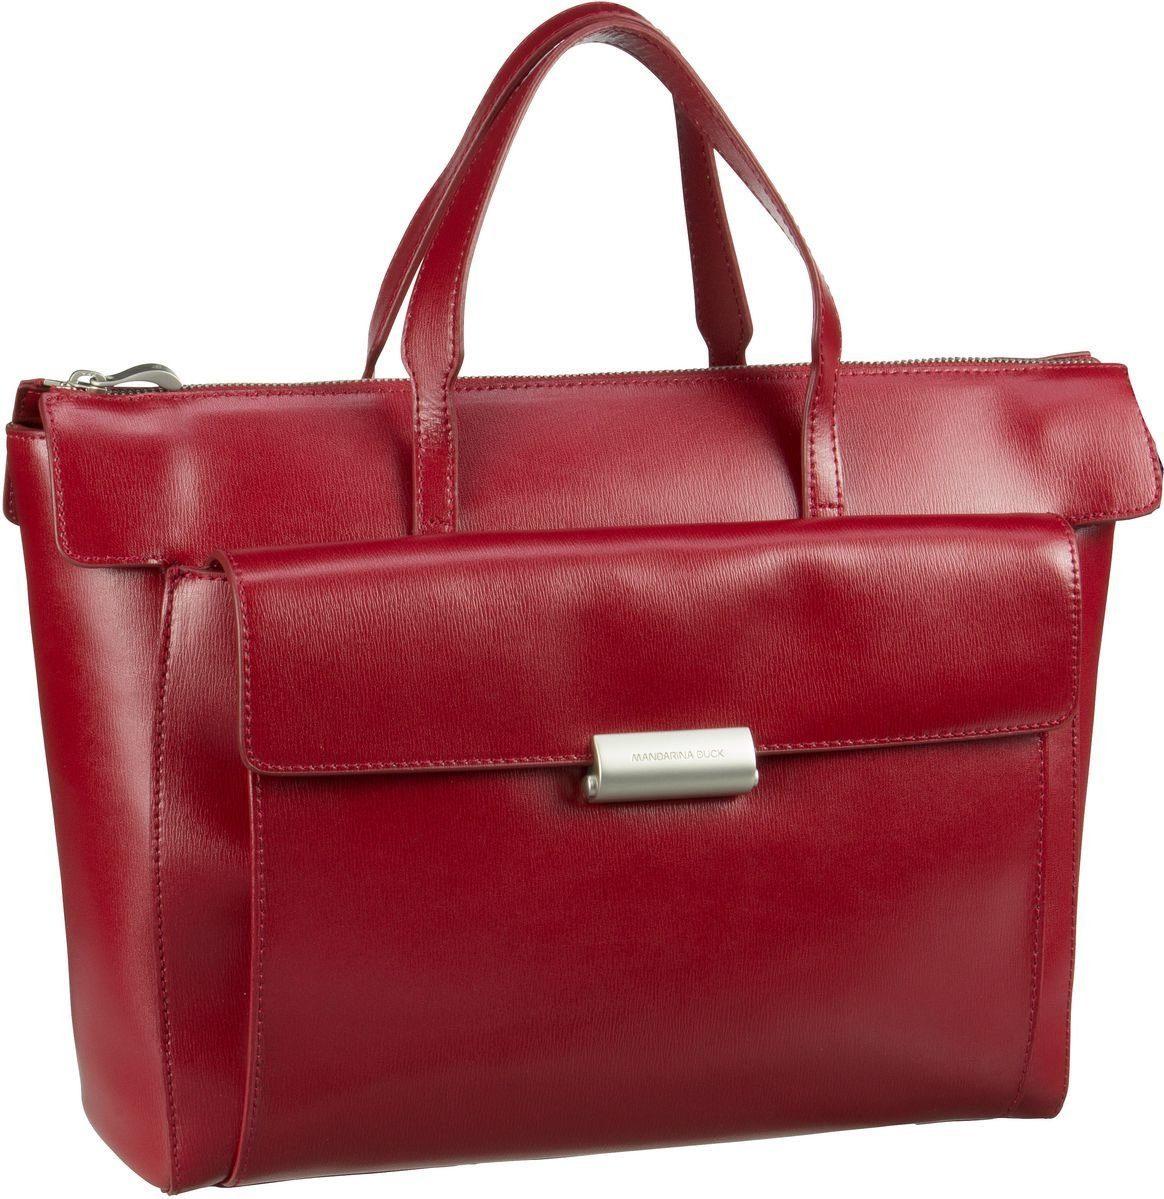 Mandarina Duck Aktentasche »Hera 3.0 Handbag RAT01«